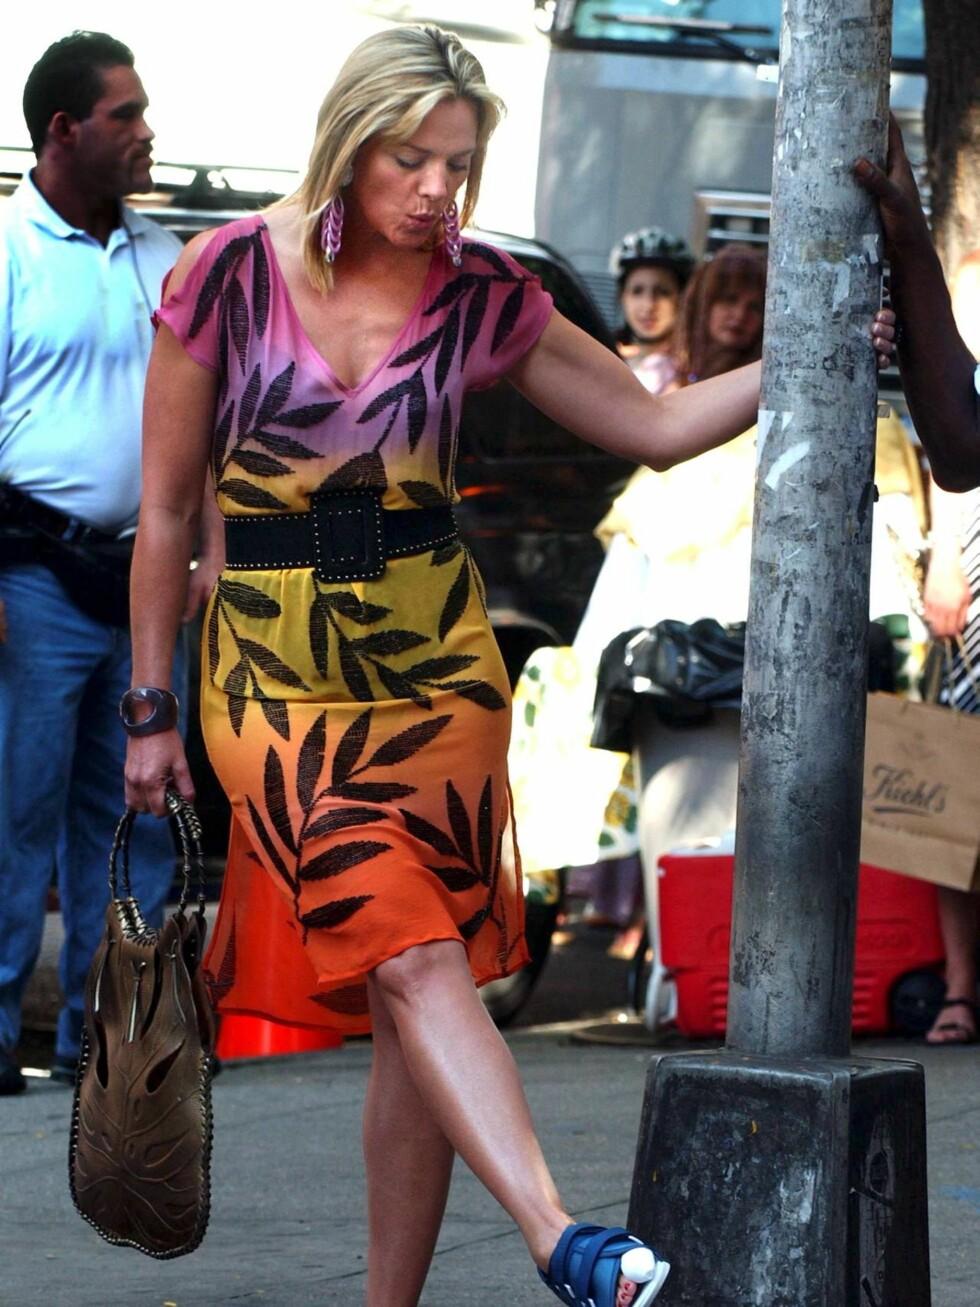 SPARK: Det er nok ikke så smart å sparke på lyktestolper med en brukket tå, Kim Cattrall. Foto: All Over Press